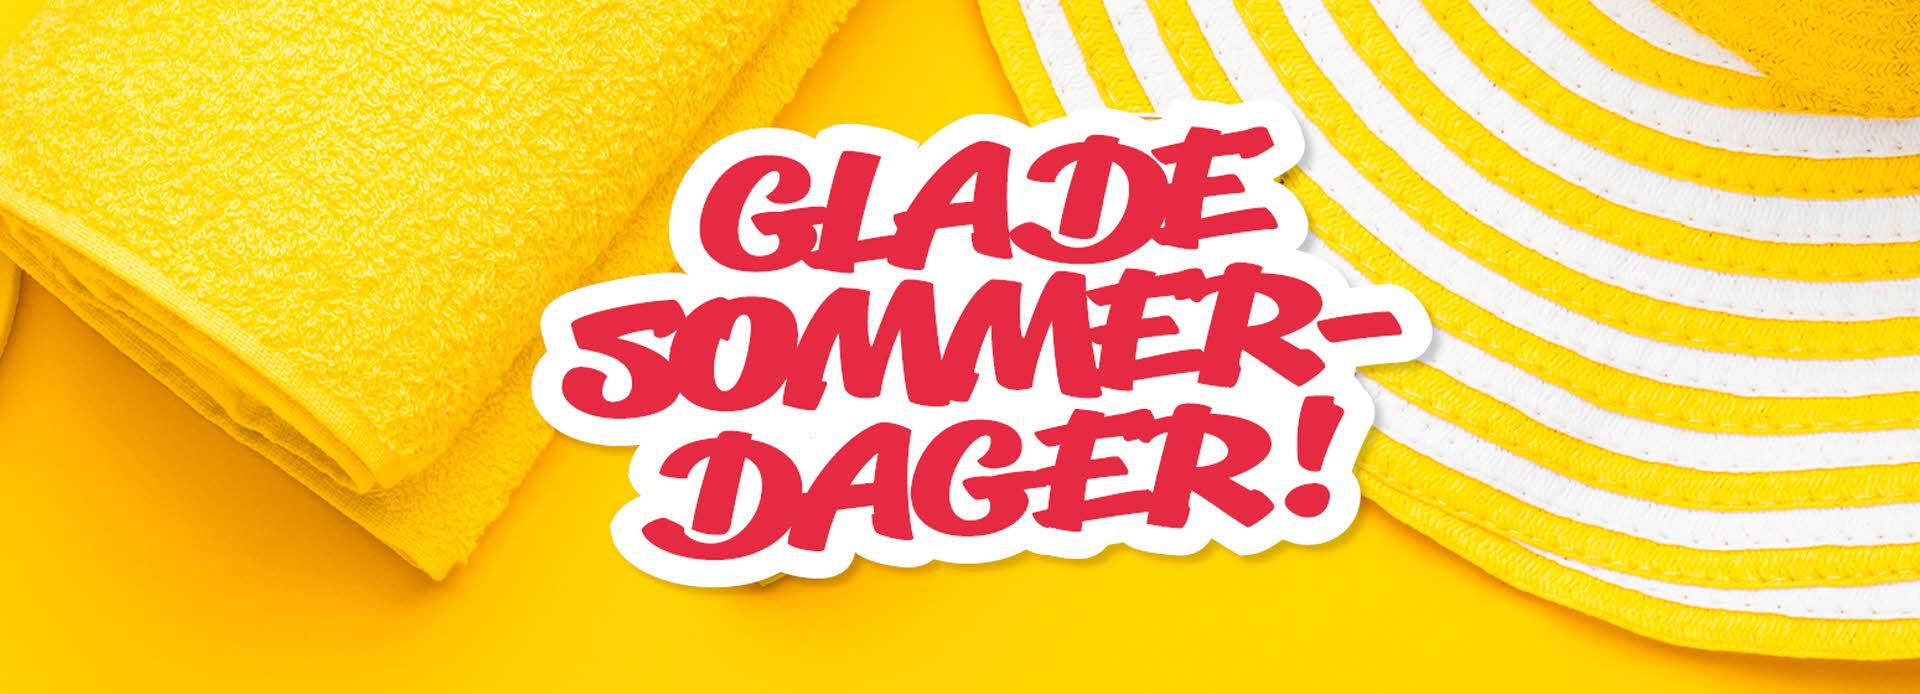 gul flip-flop, håndkle og solhatt og tekst glade sommerdage